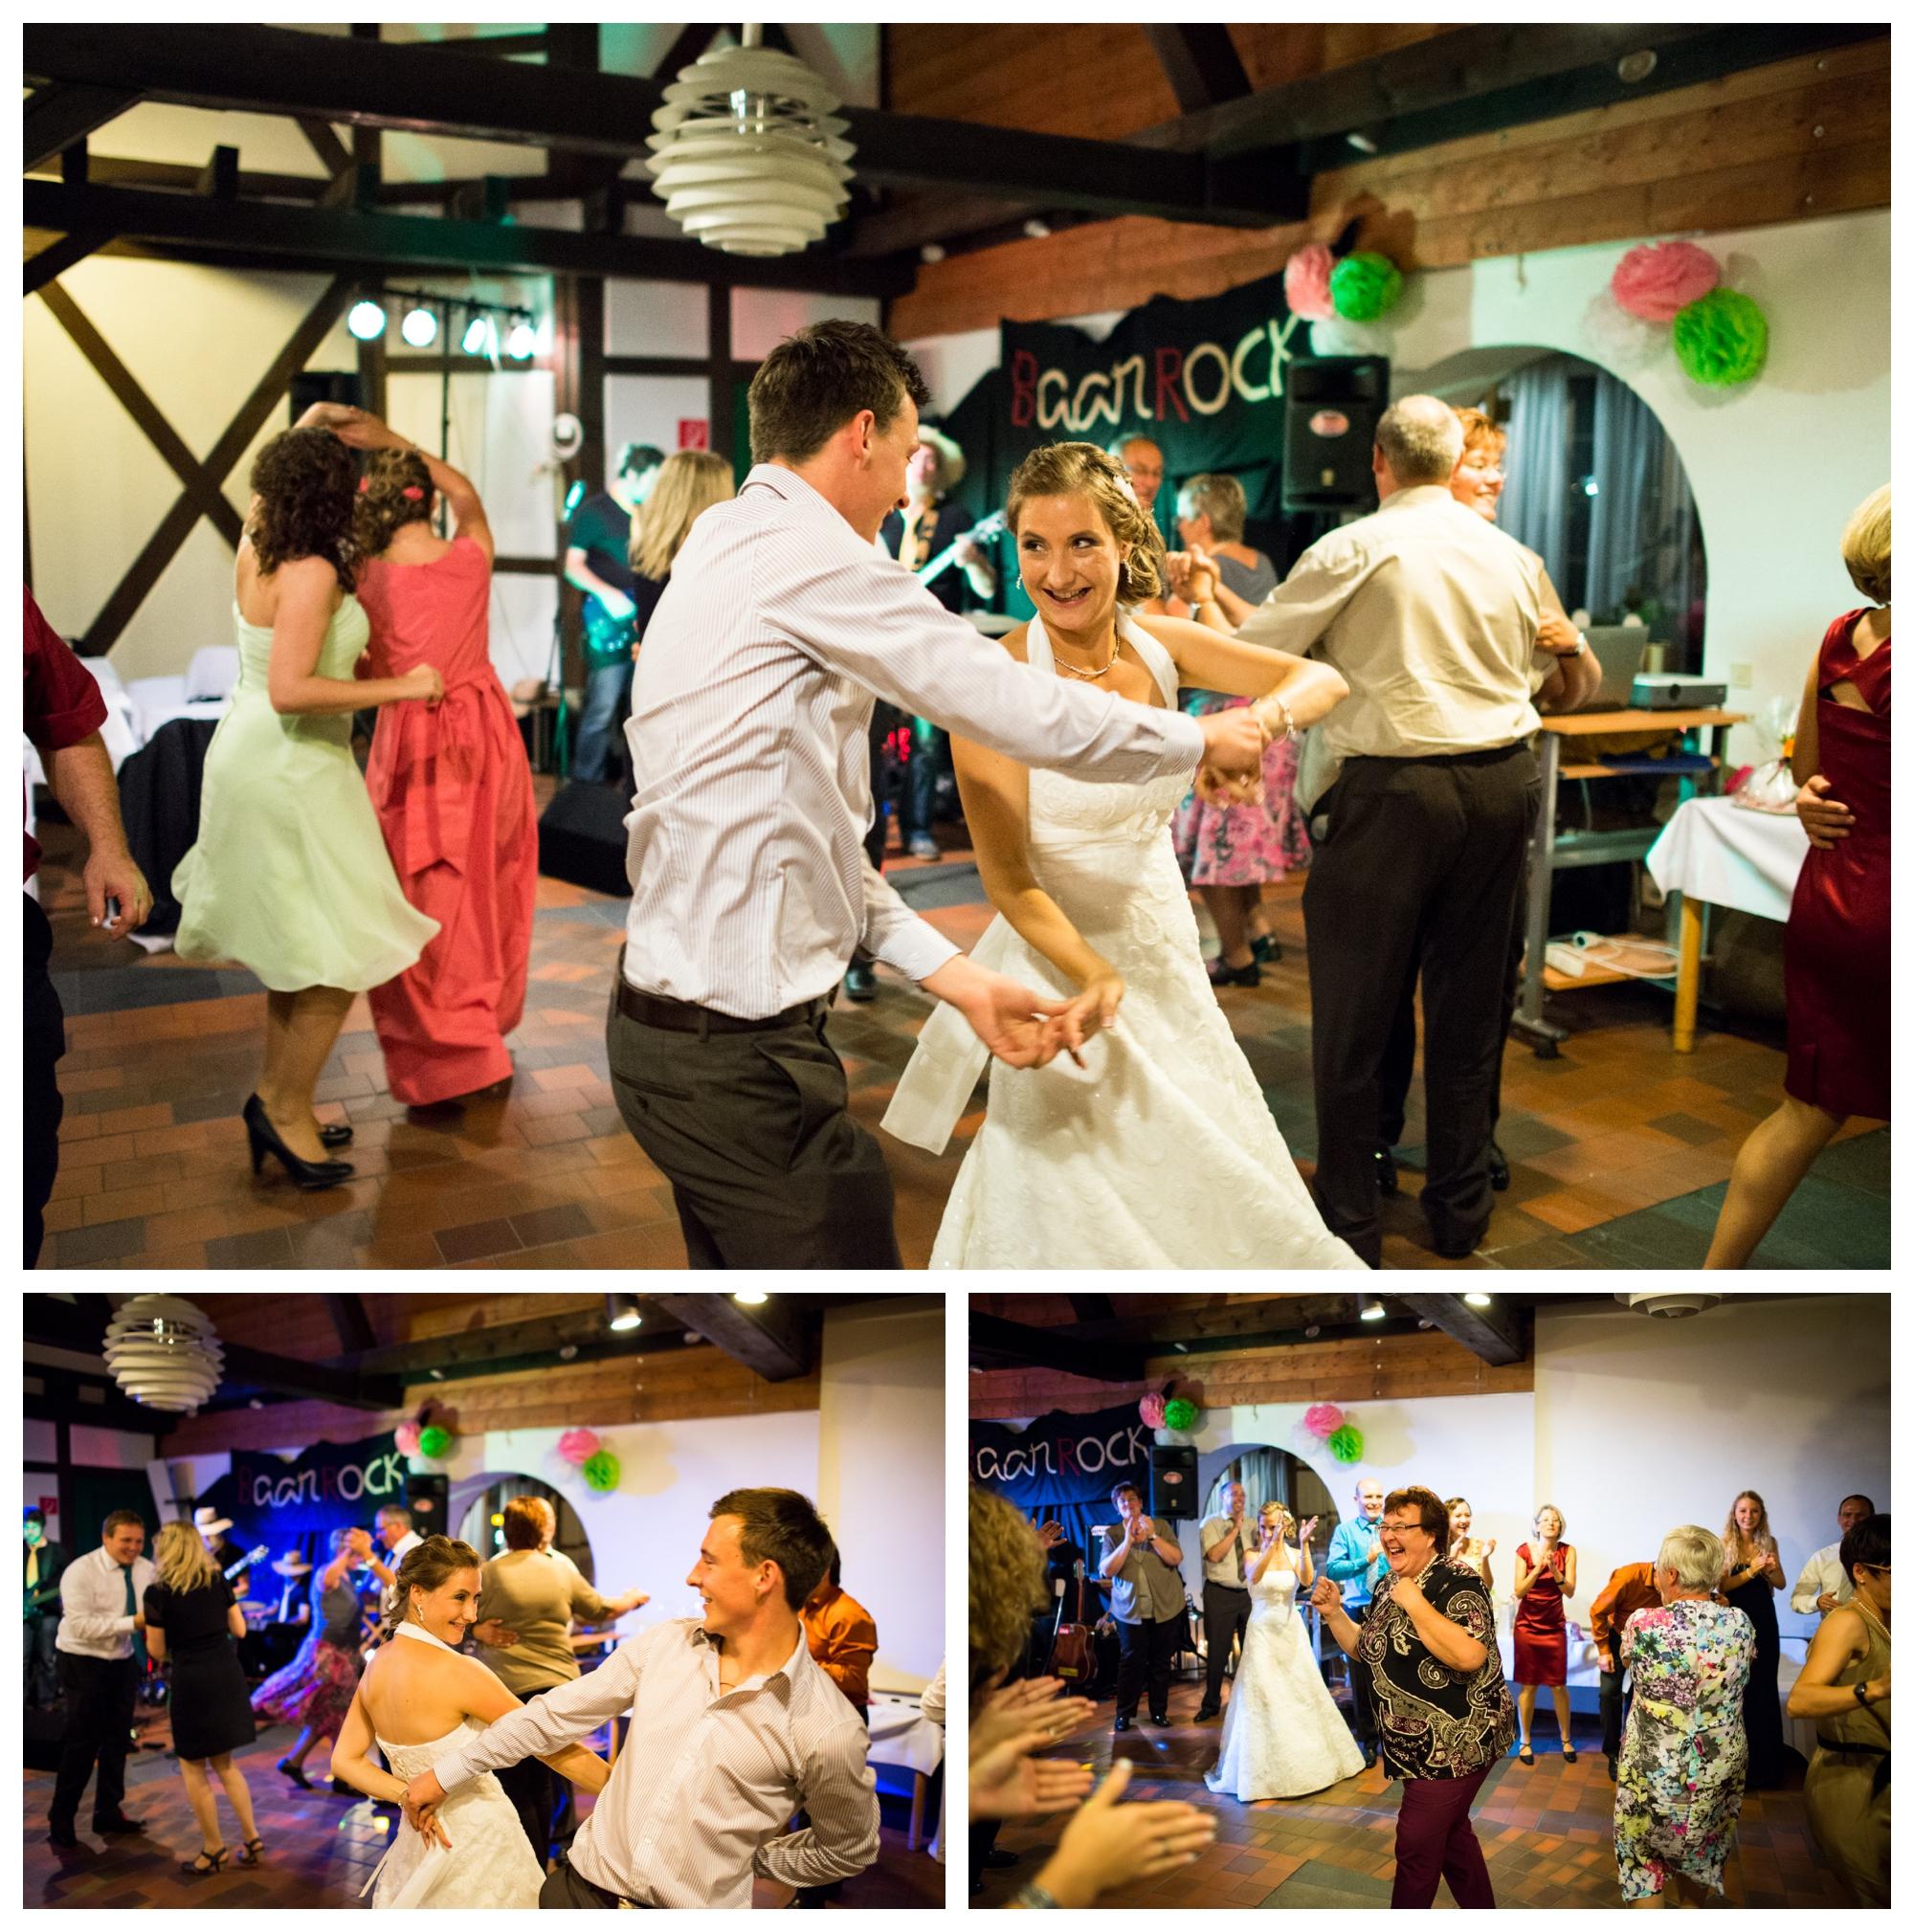 Fotograf Konstanz - 2013 12 09 0034 - Als Hochzeitsfotograf in Bad Dürrheim unterwegs  - 62 -